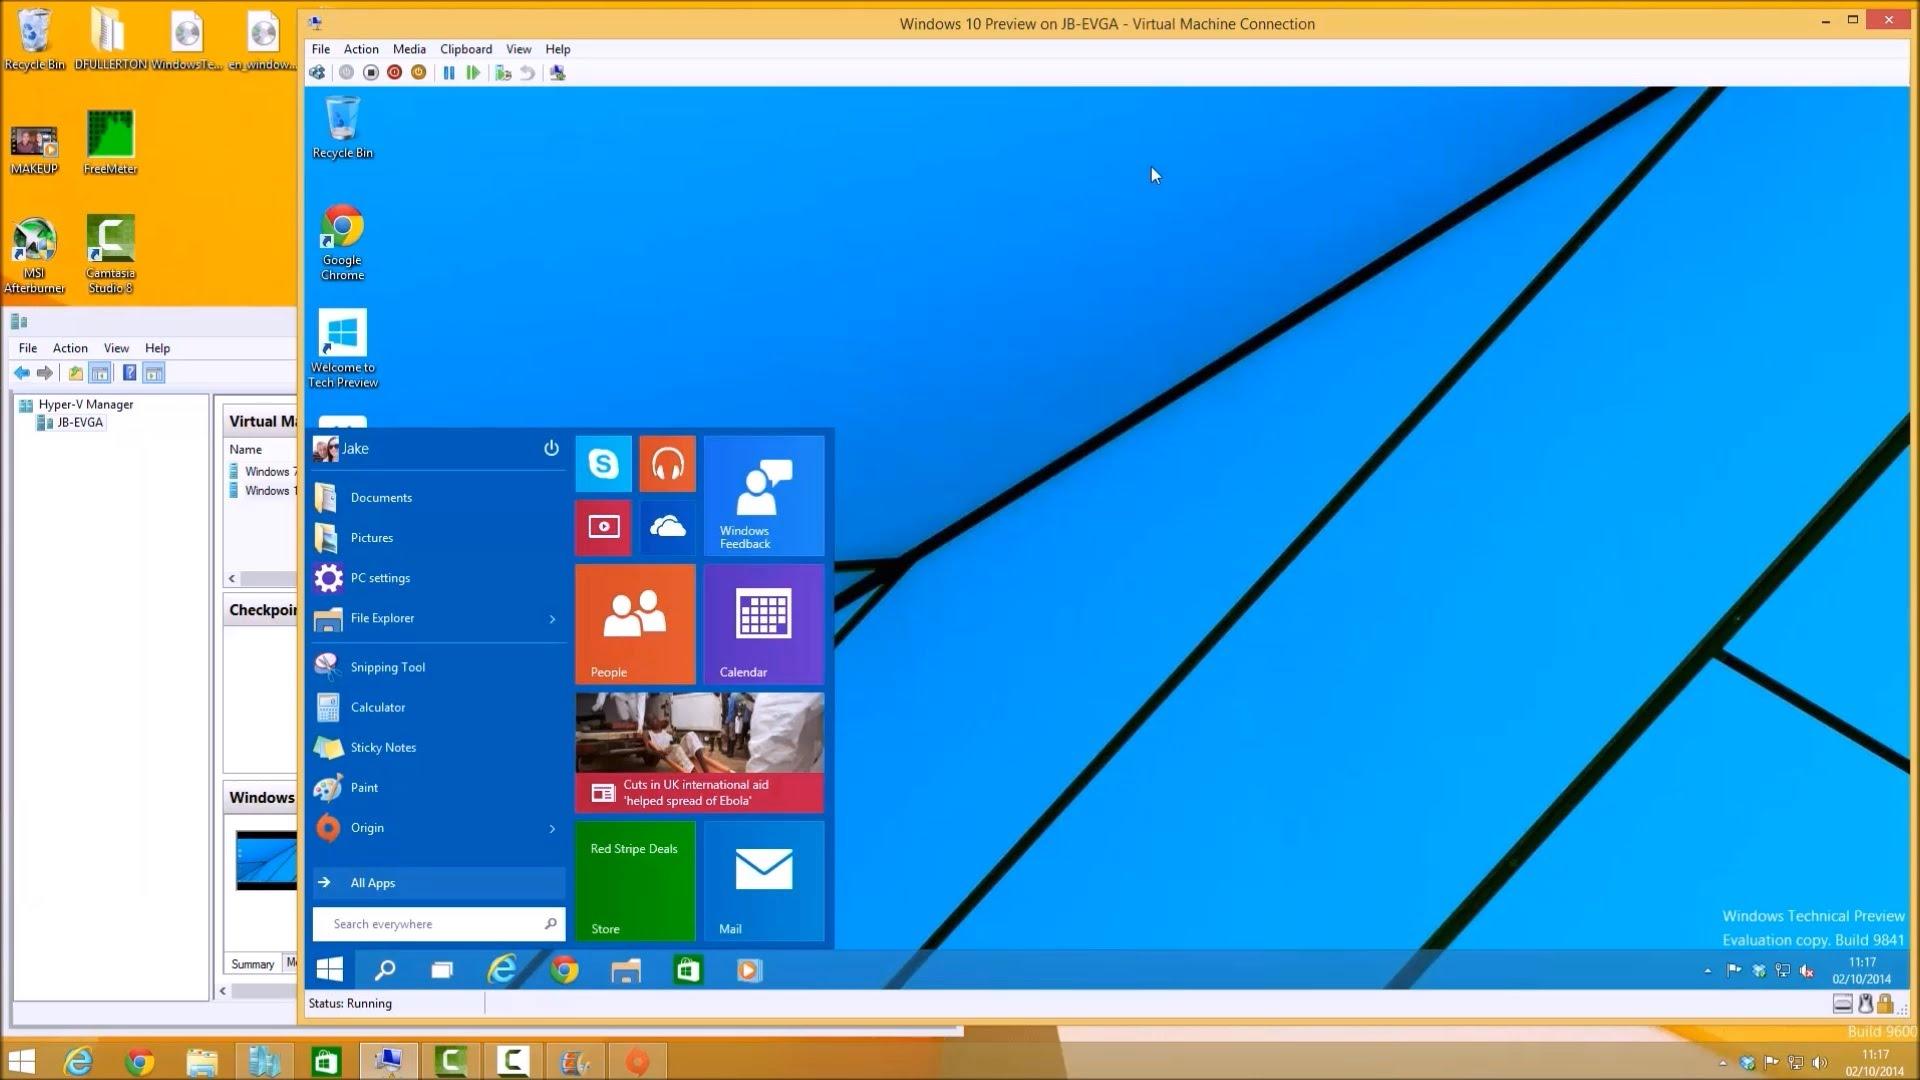 Le migliori applicazioni per Windows 10 2